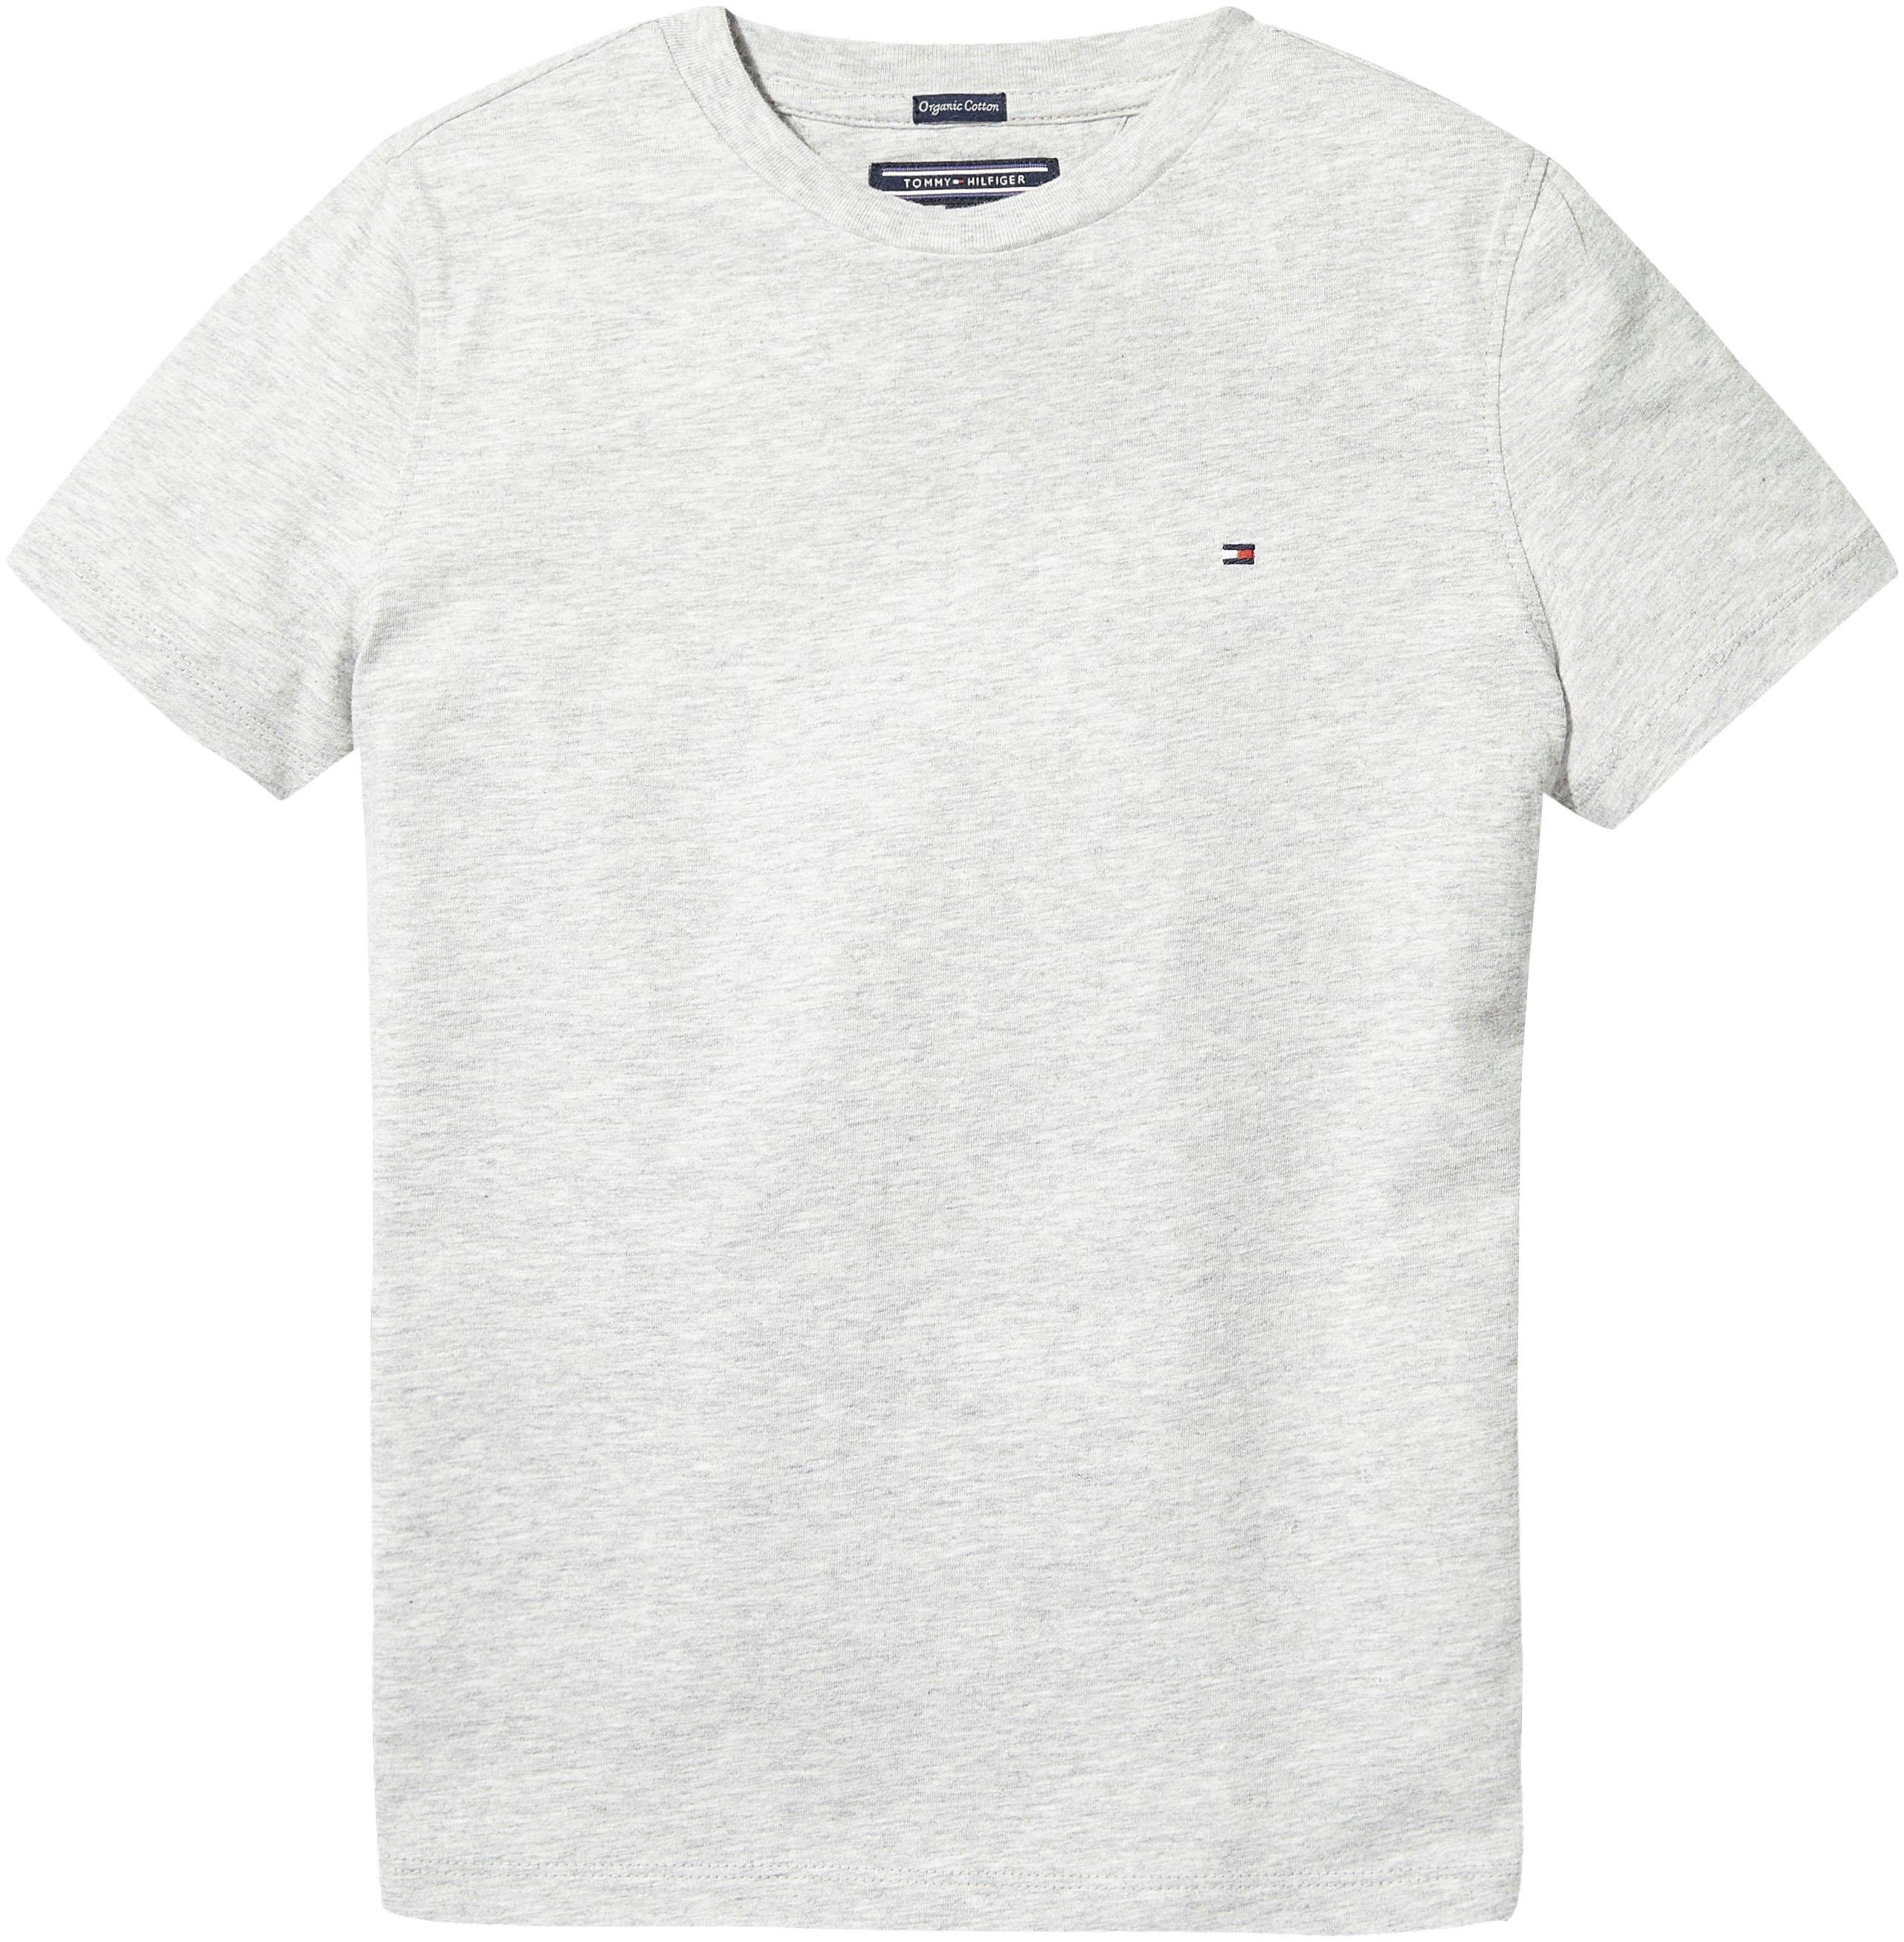 Tommy Hilfiger T-shirt veilig op otto.nl kopen